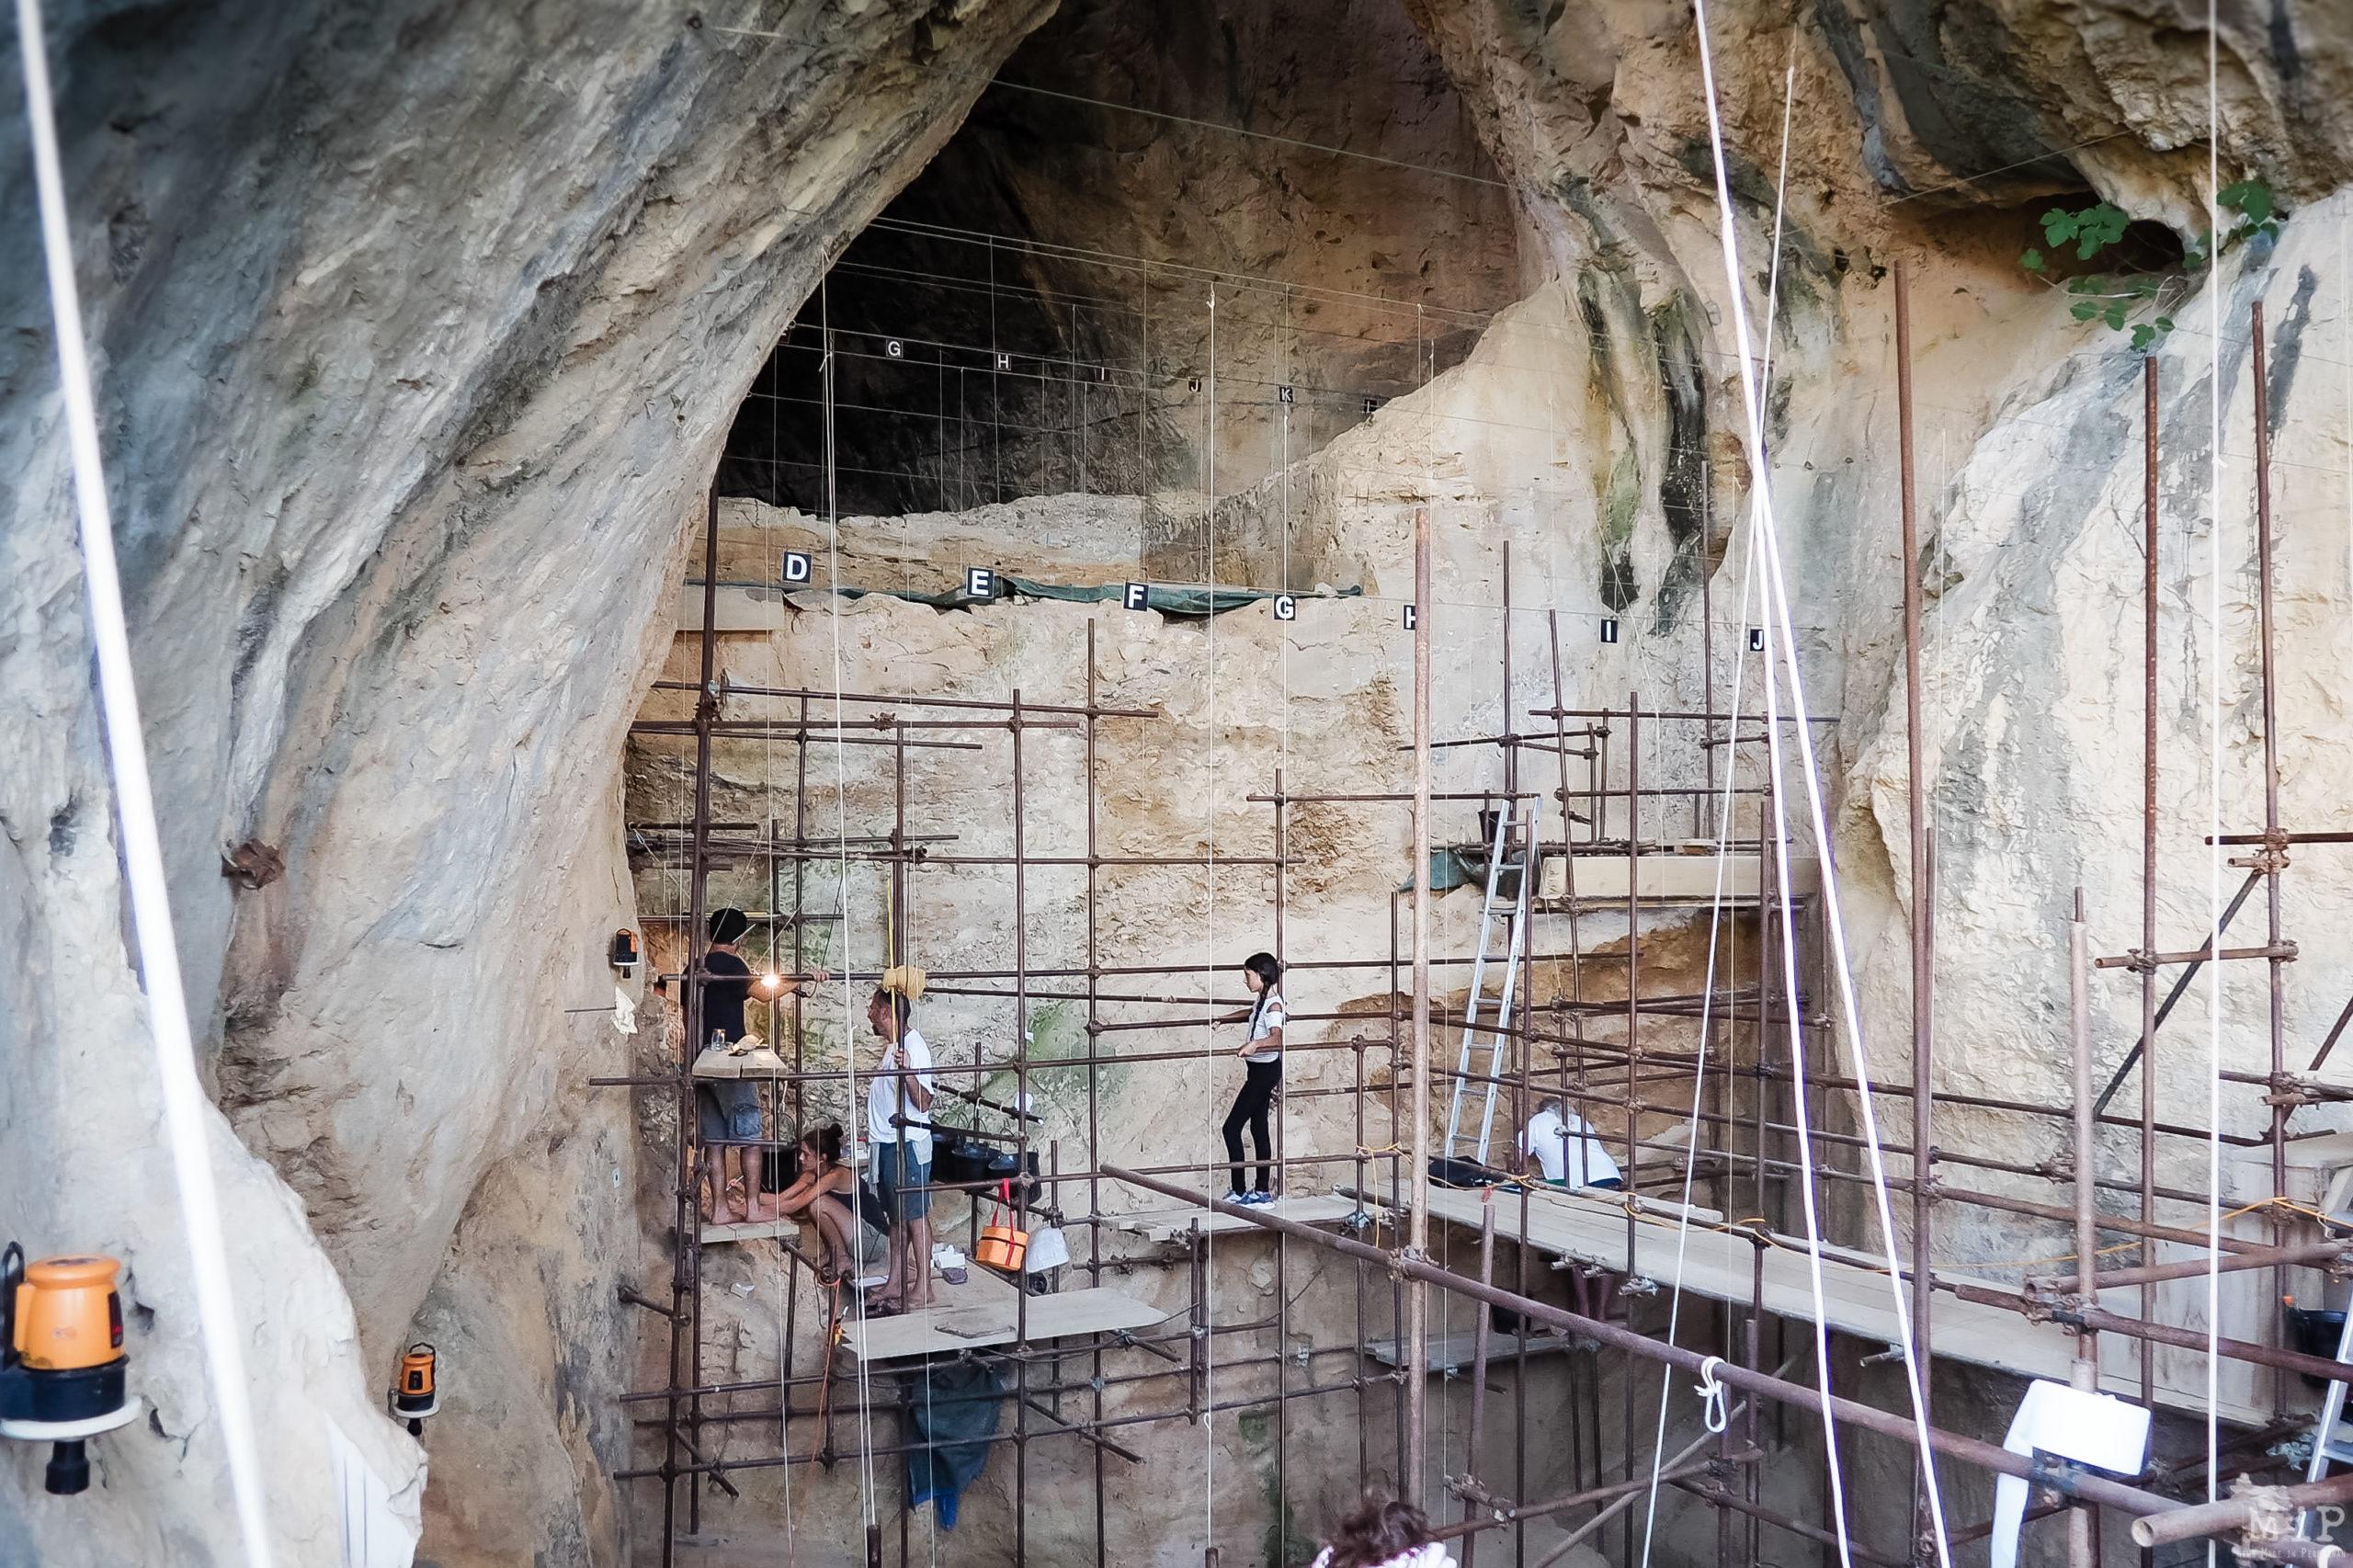 Fouilles archéologiques La Caunes de l'Arago Tautavel